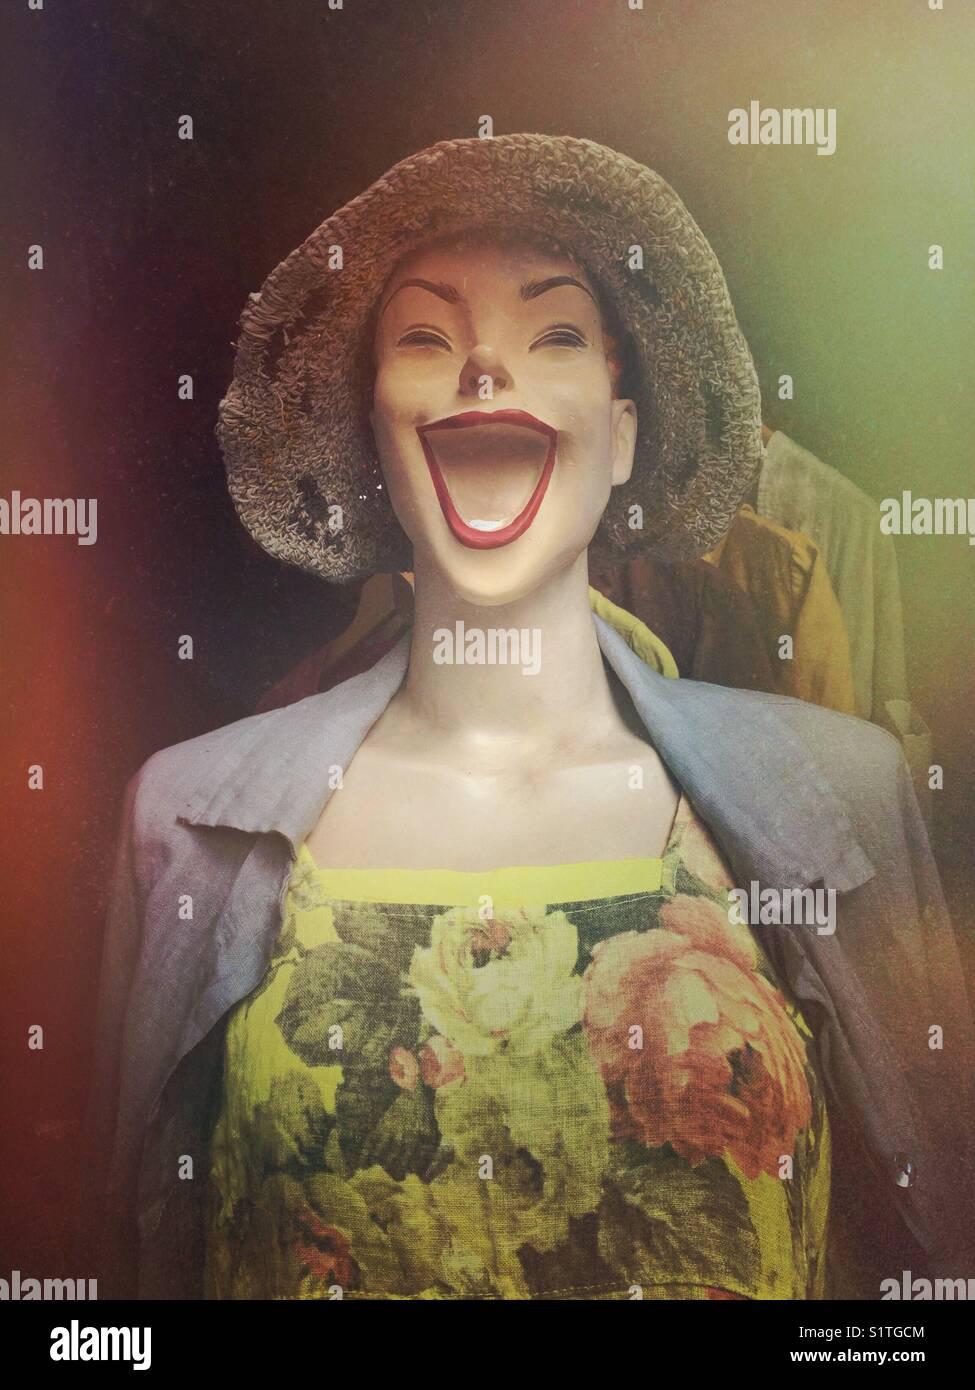 Spaß Lachen weibliche Schaufensterpuppe Stockbild